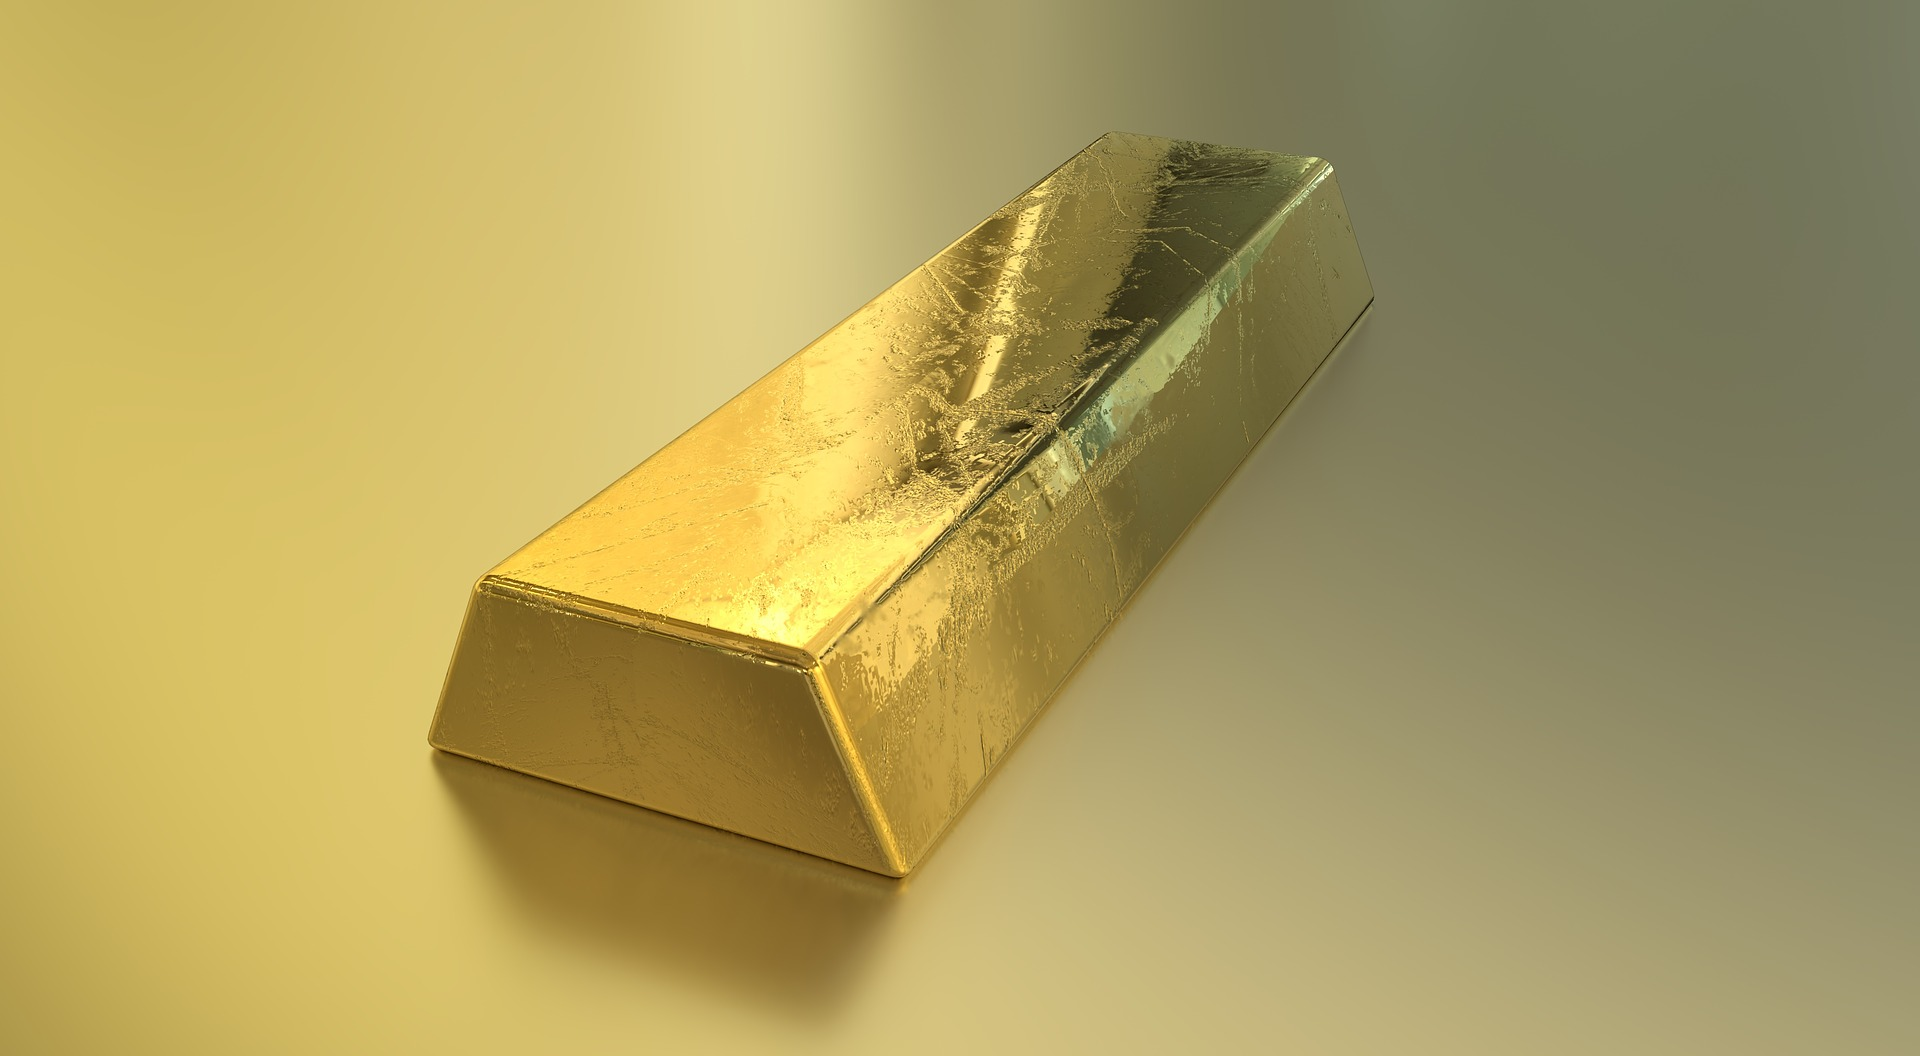 Les métaux et minerais les plus exploités dans les mines